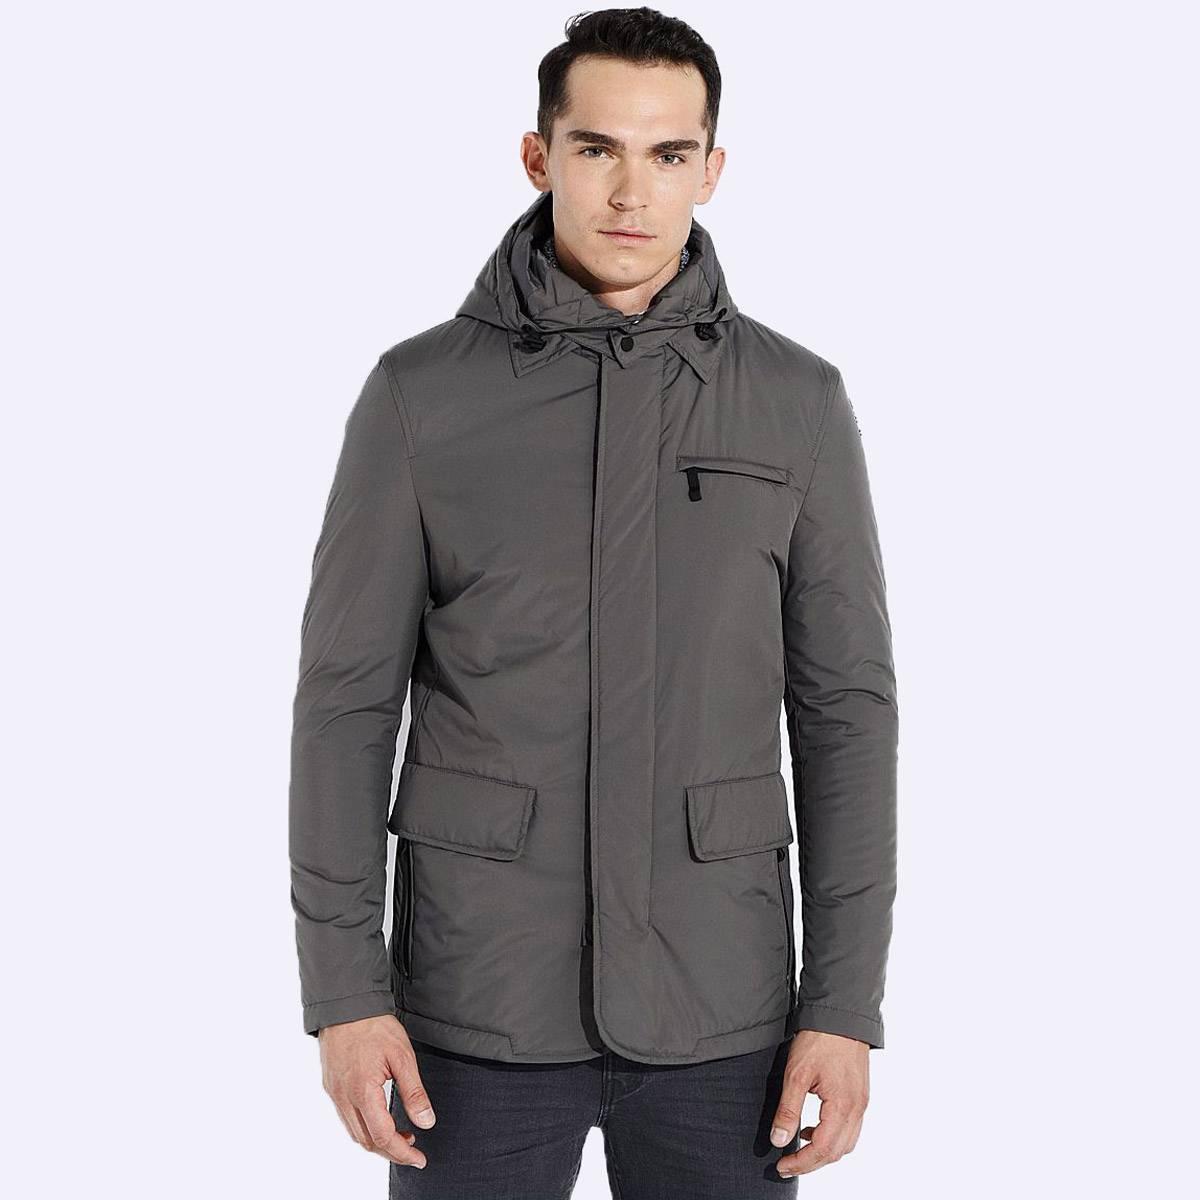 Демисезонная мужская куртка Geox M5421G TITANIUM